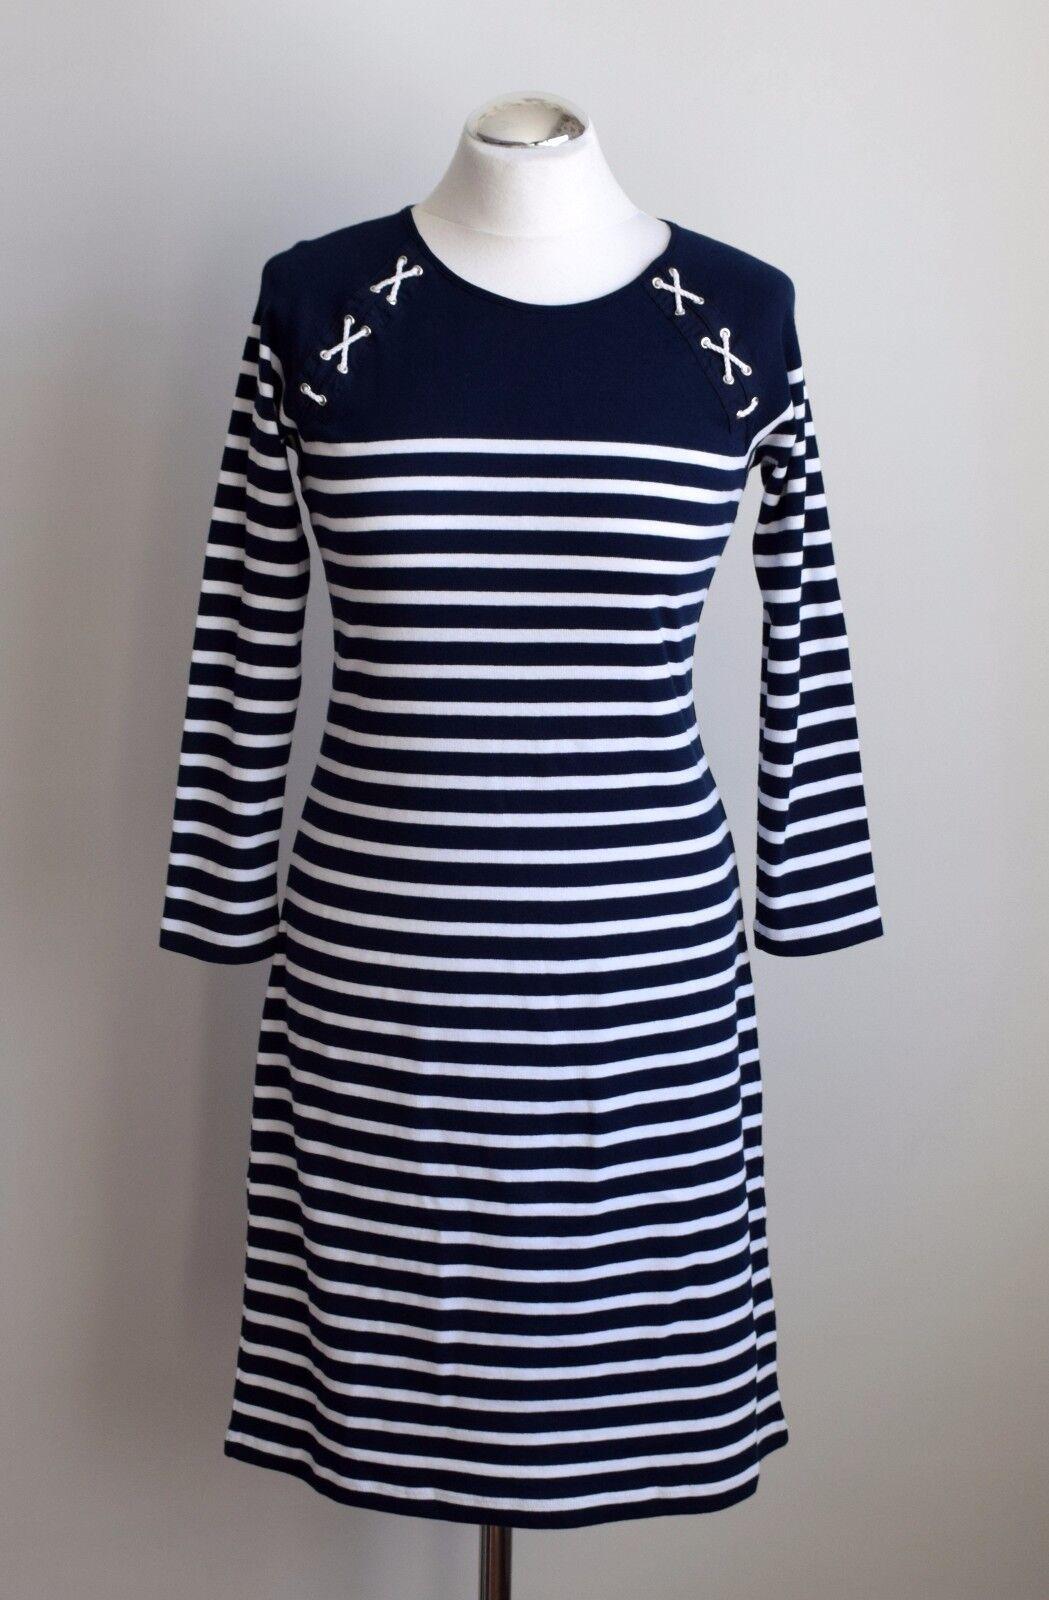 LAUREN RALPH LAUREN DRESS KULAK Damen Kleid Größe M Neu